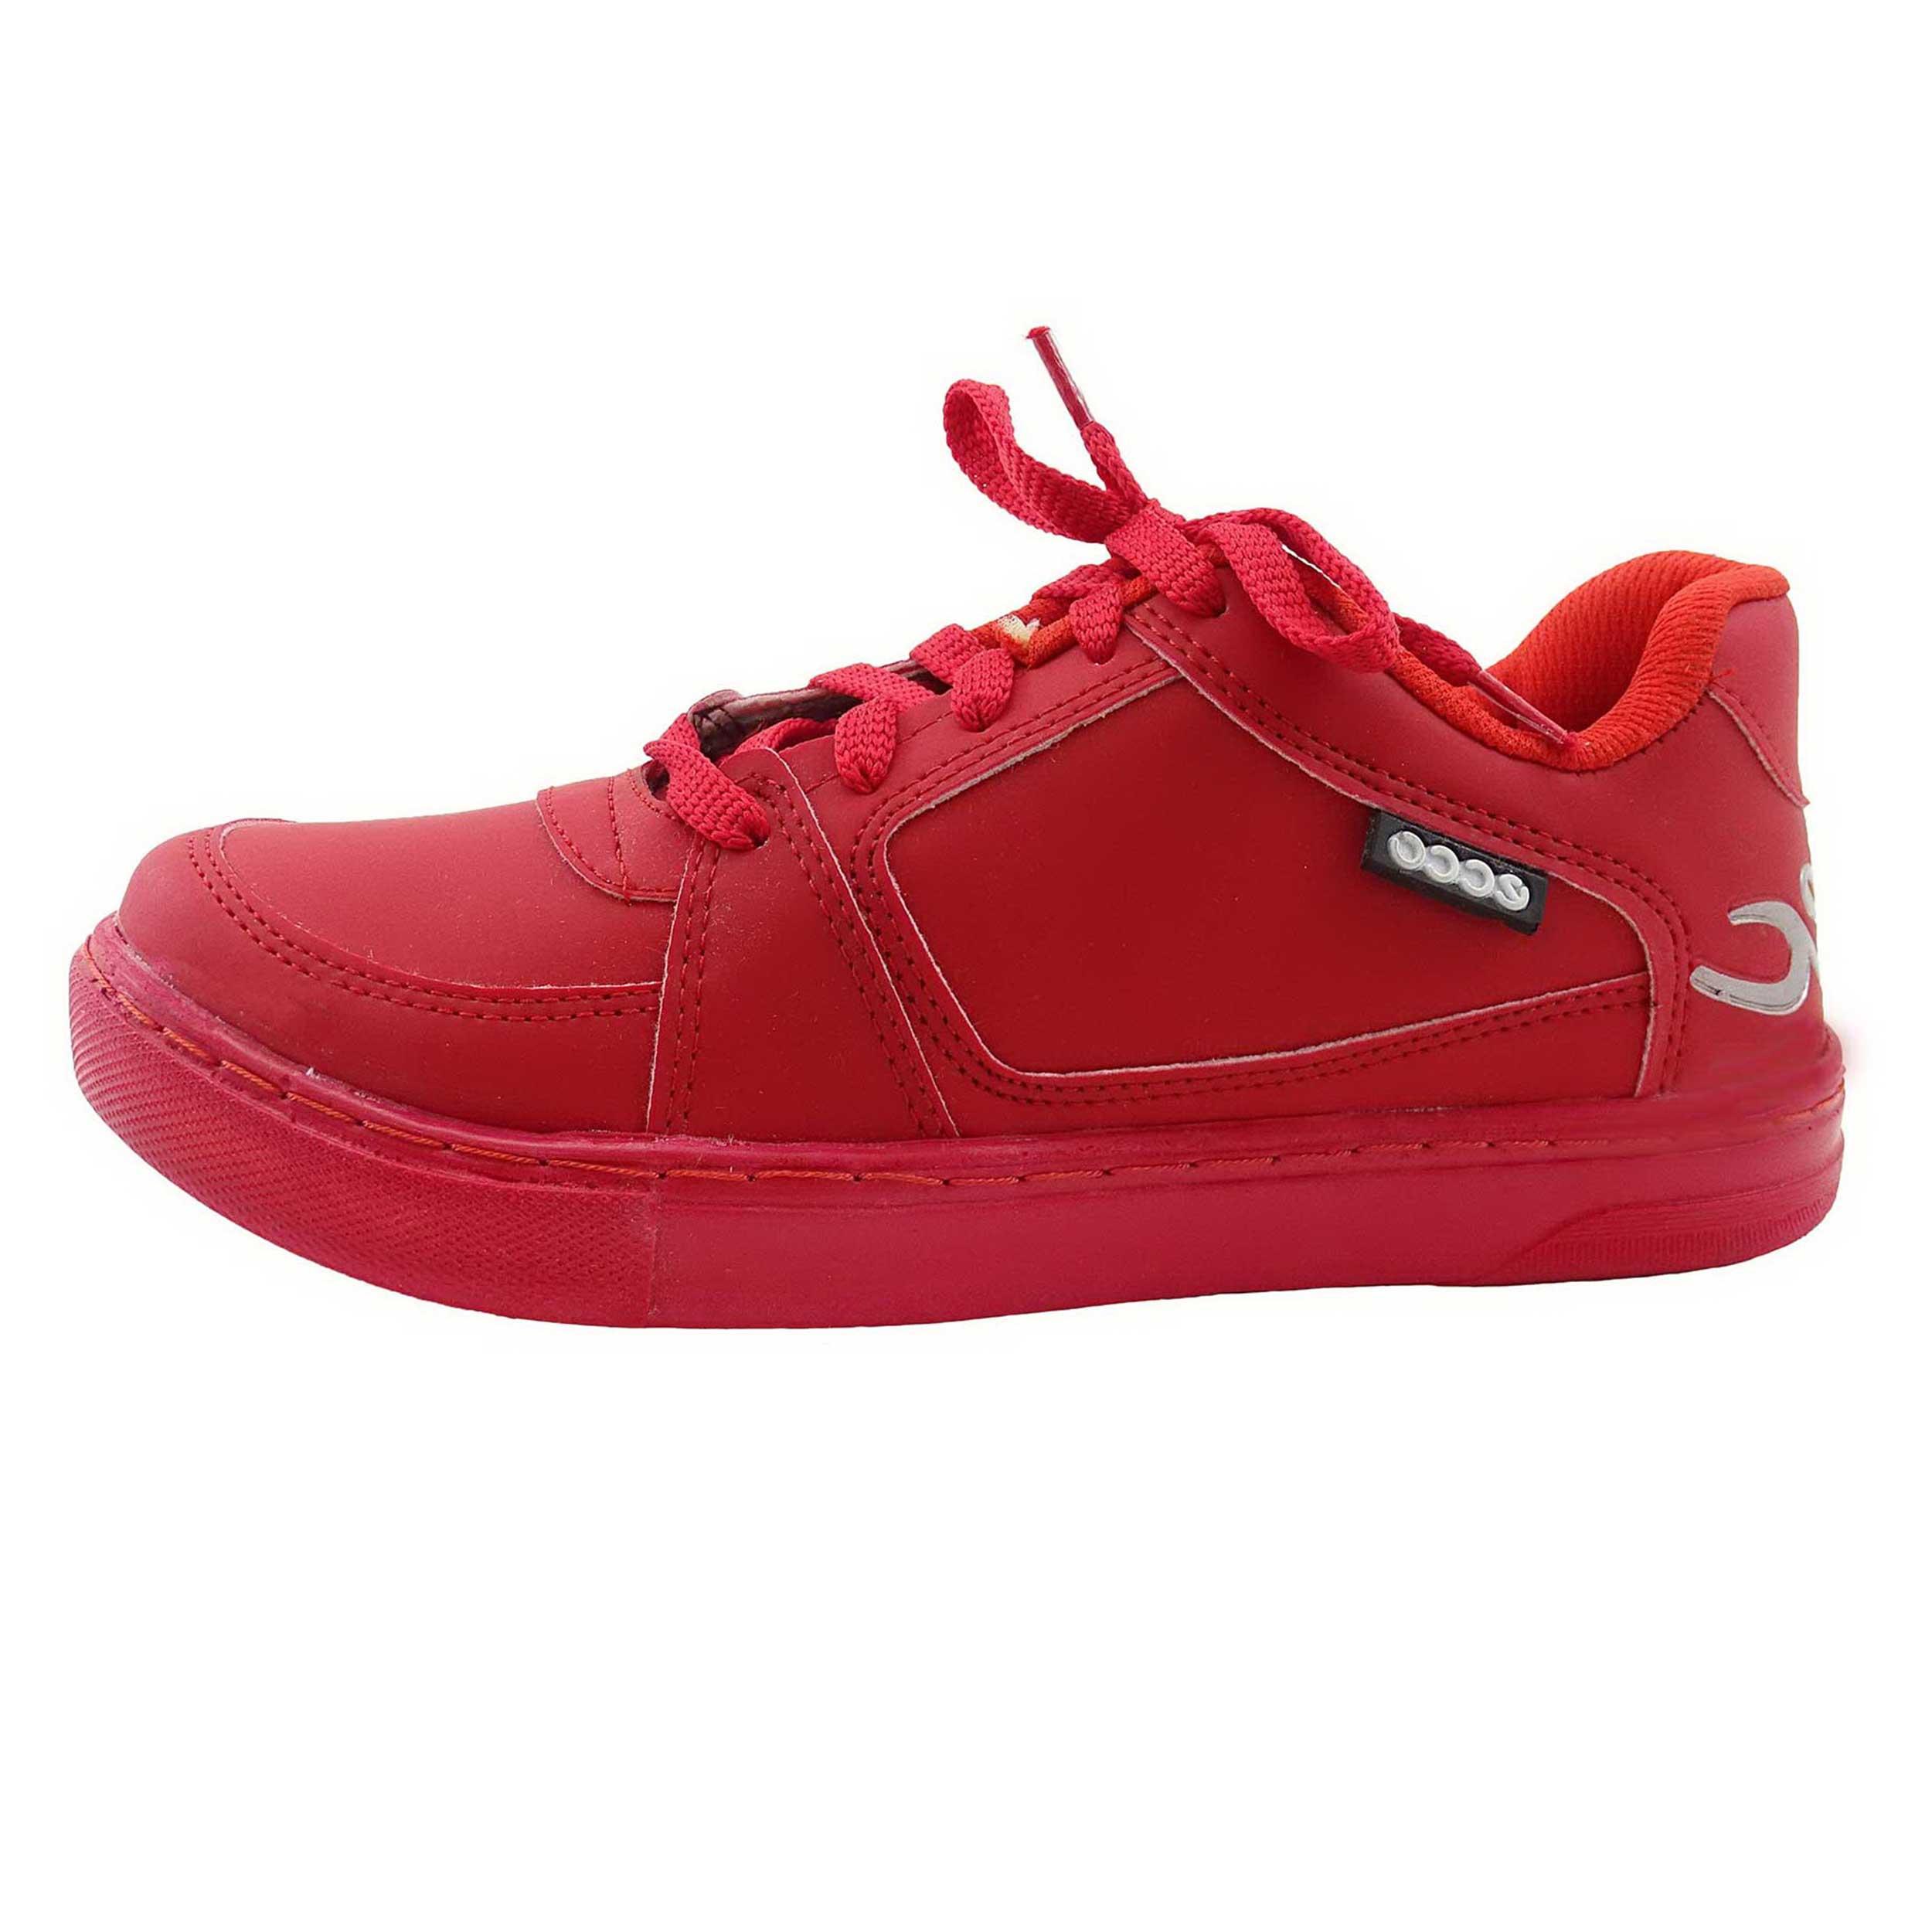 قیمت کفش مخصوص پیاده روی مردانه مدل M00710